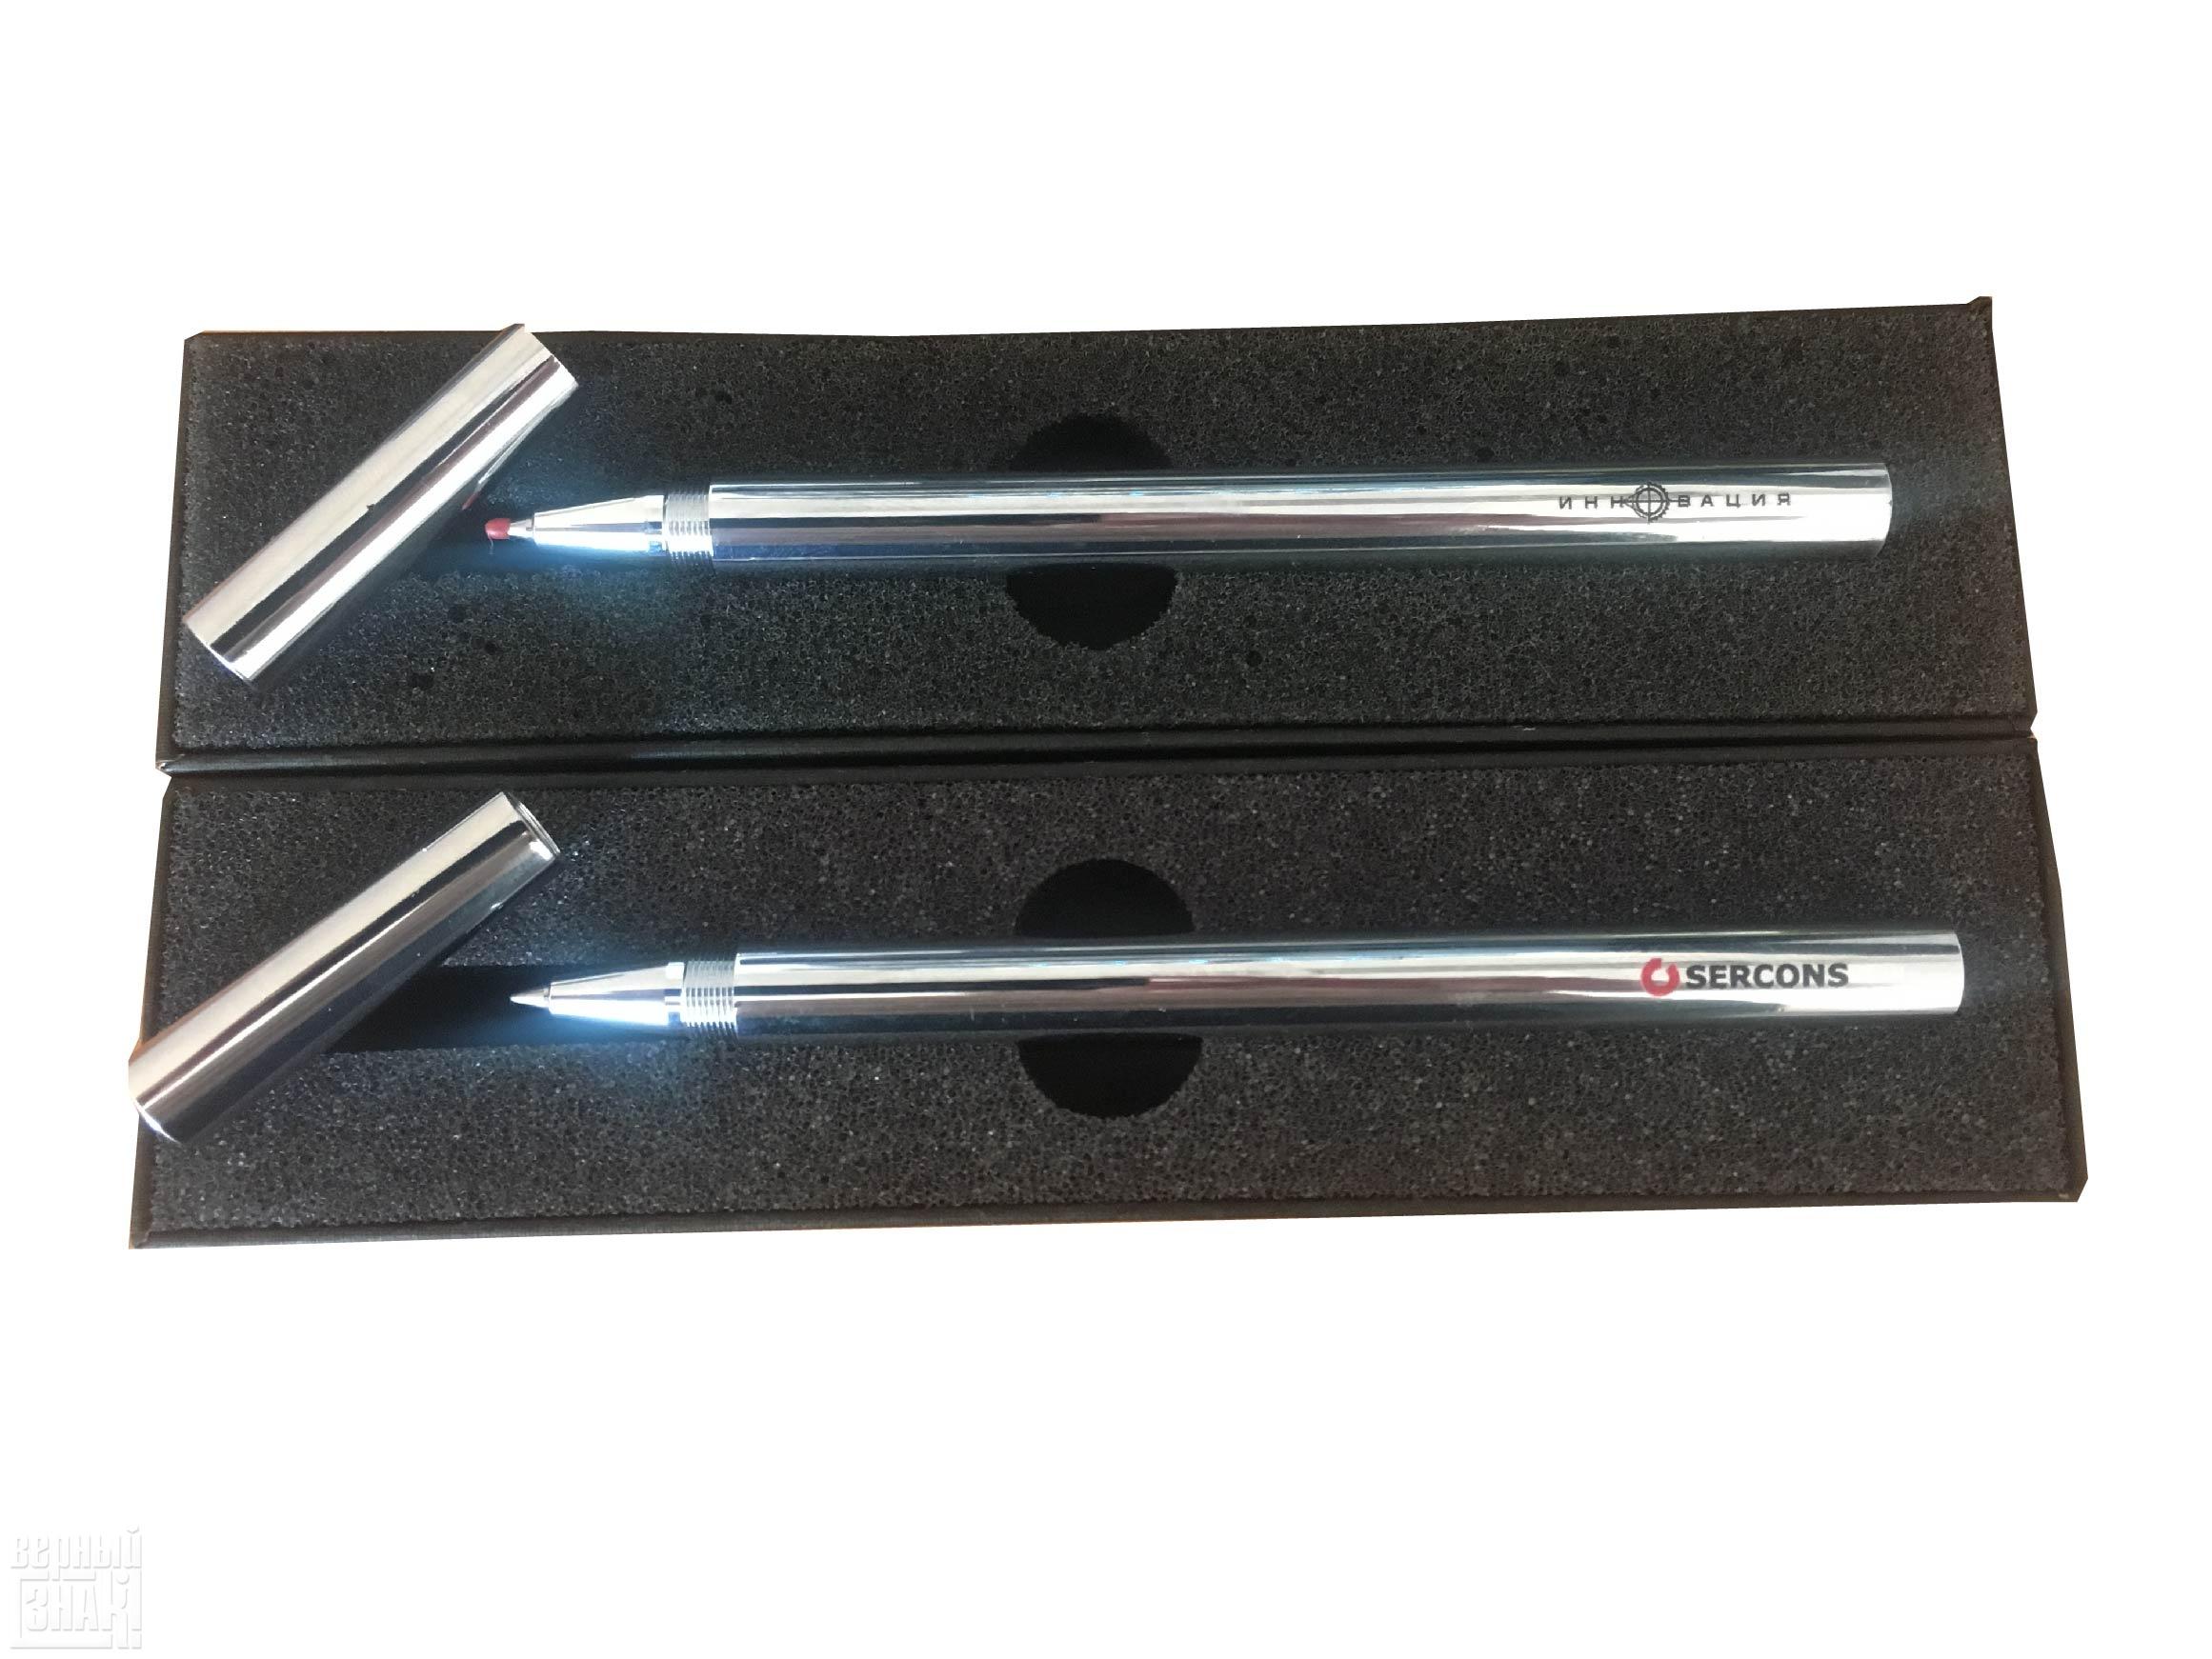 УФ печать на металлических ручках